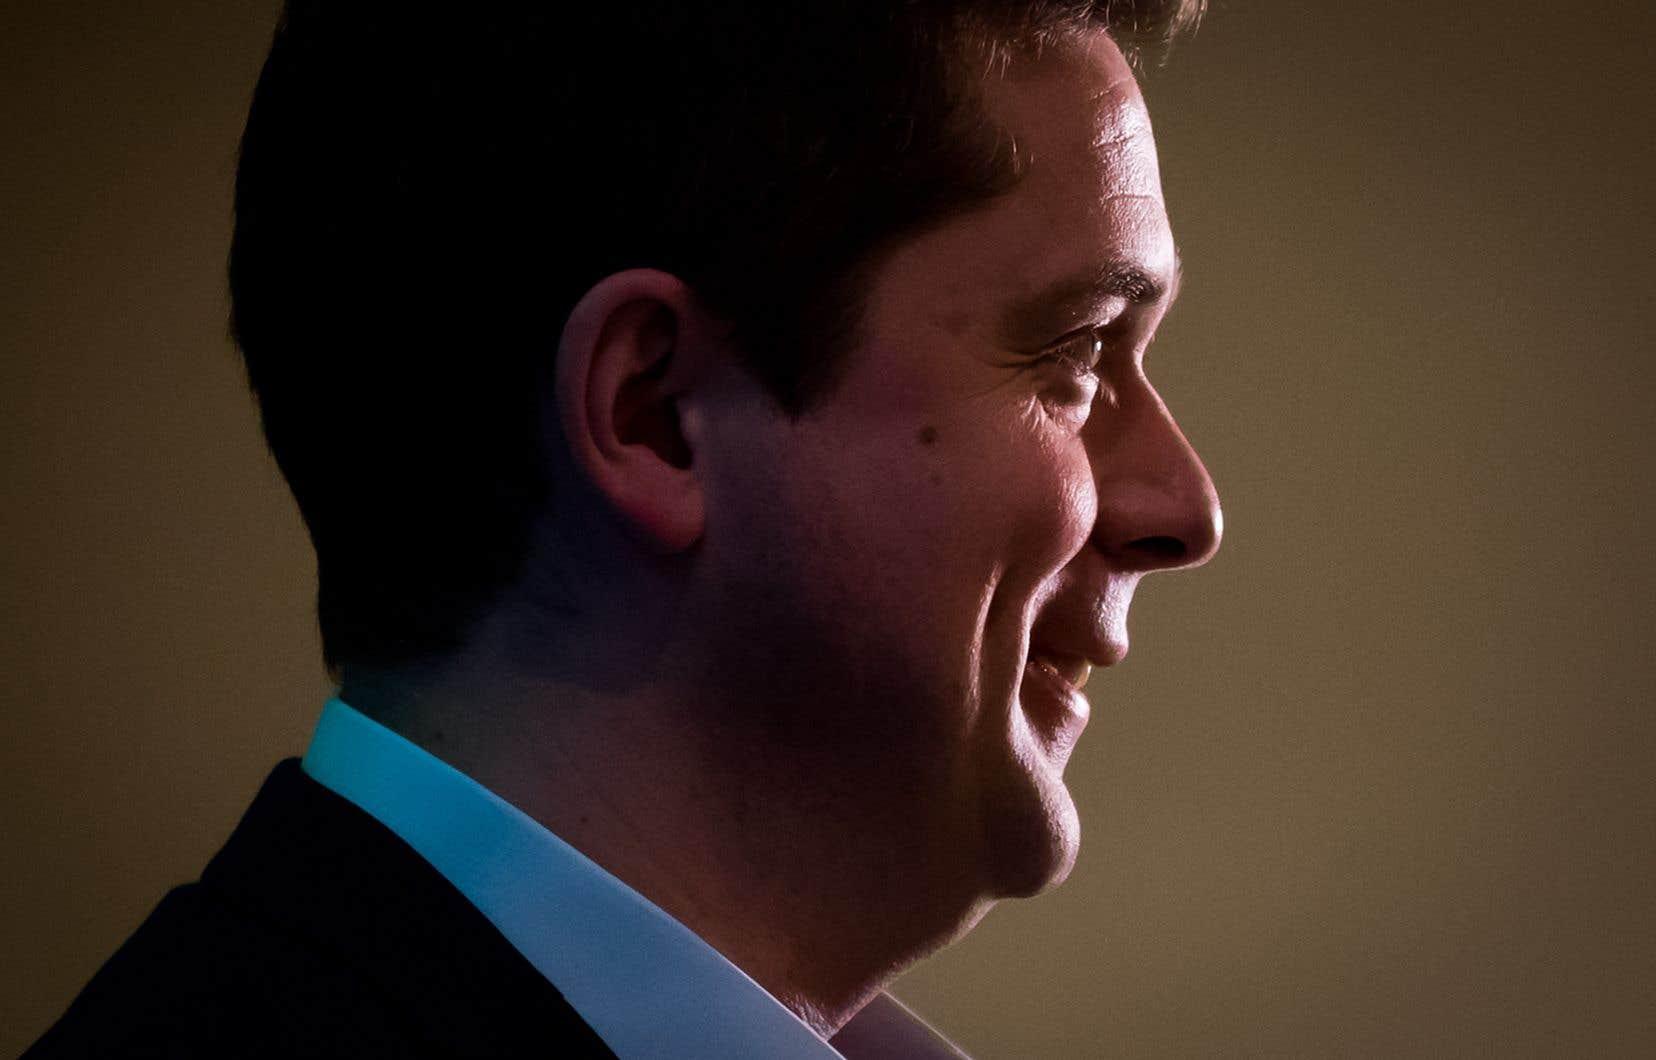 Le chef conservateur Andrew Scheer avait partagé samedi soir la vidéo dans laquelle on pouvait entendre que les «scandales libéraux» font «partie de notre héritage».